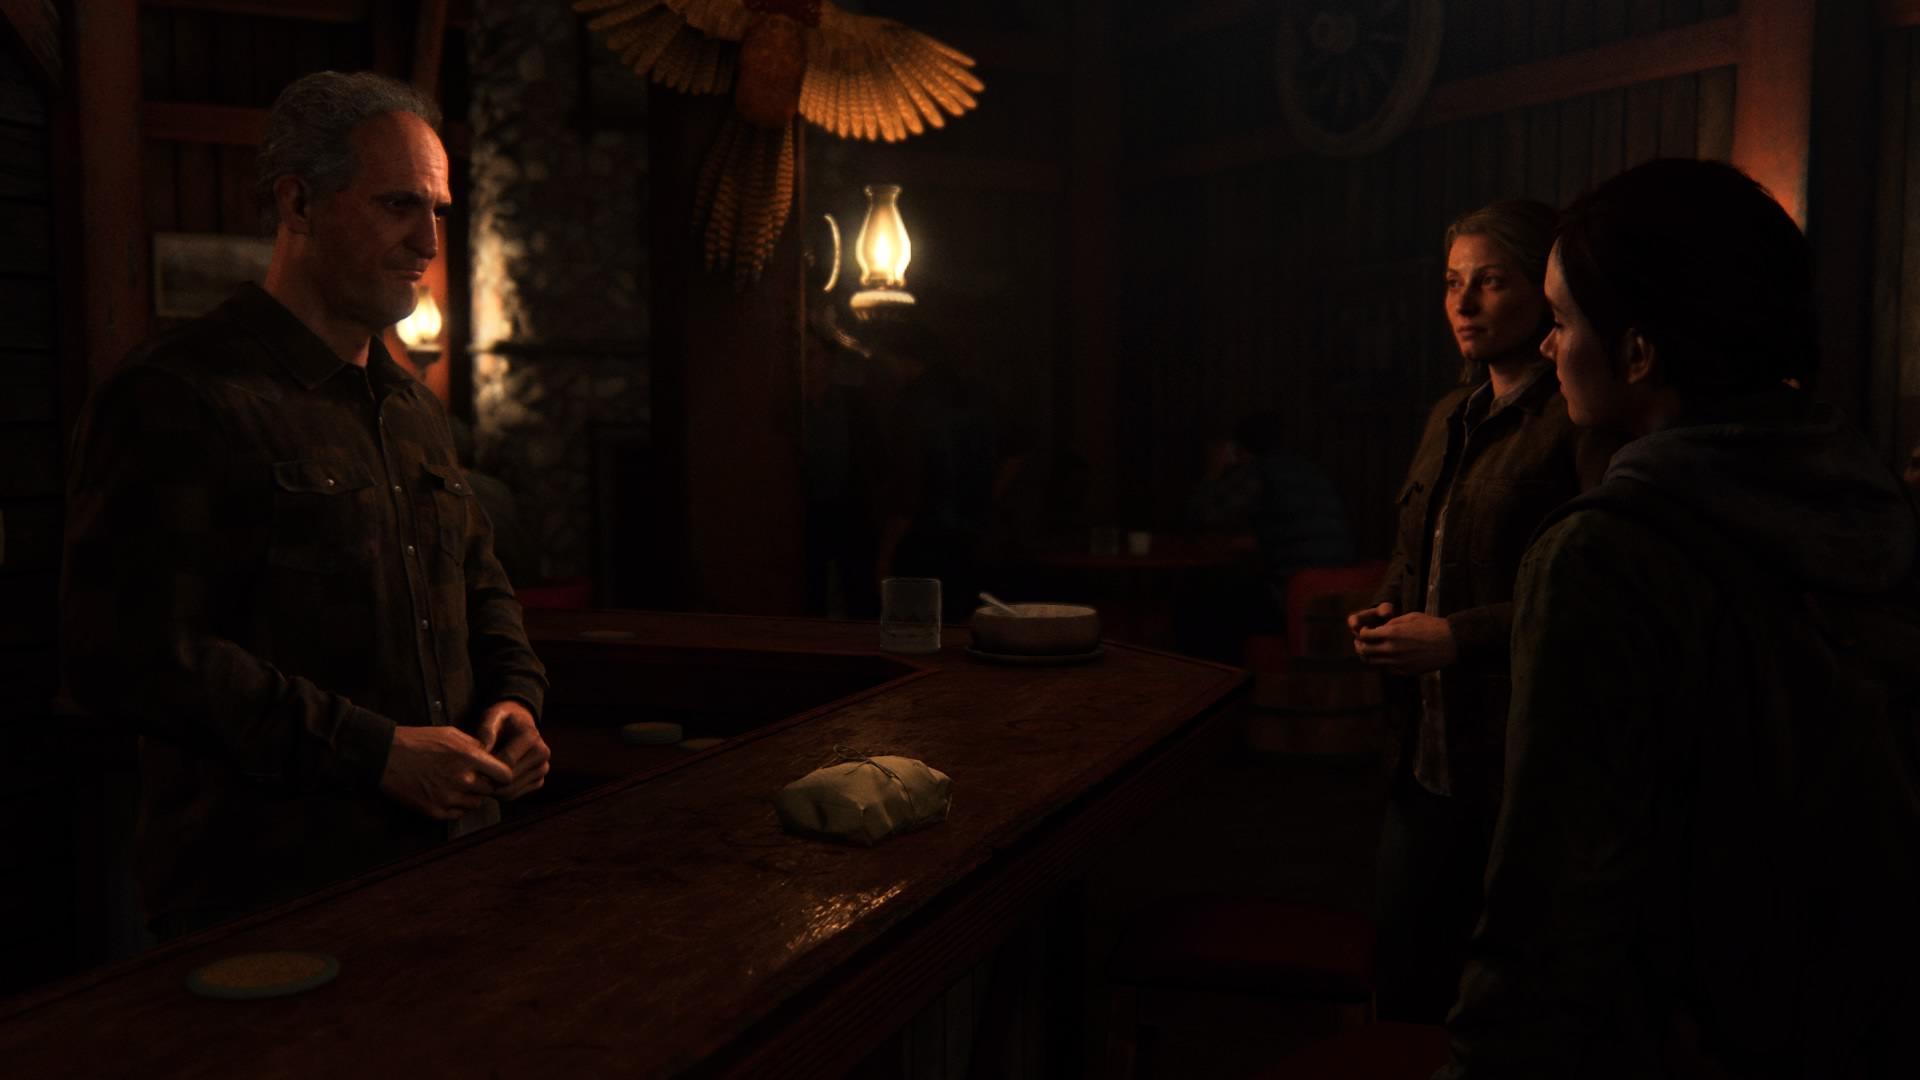 So Wartet Hier Die Stadtverwalterin Maria Darauf Um Einen Streit Zwischen Dem Barkeeper Seth Und Ellie Zu Schlichten.